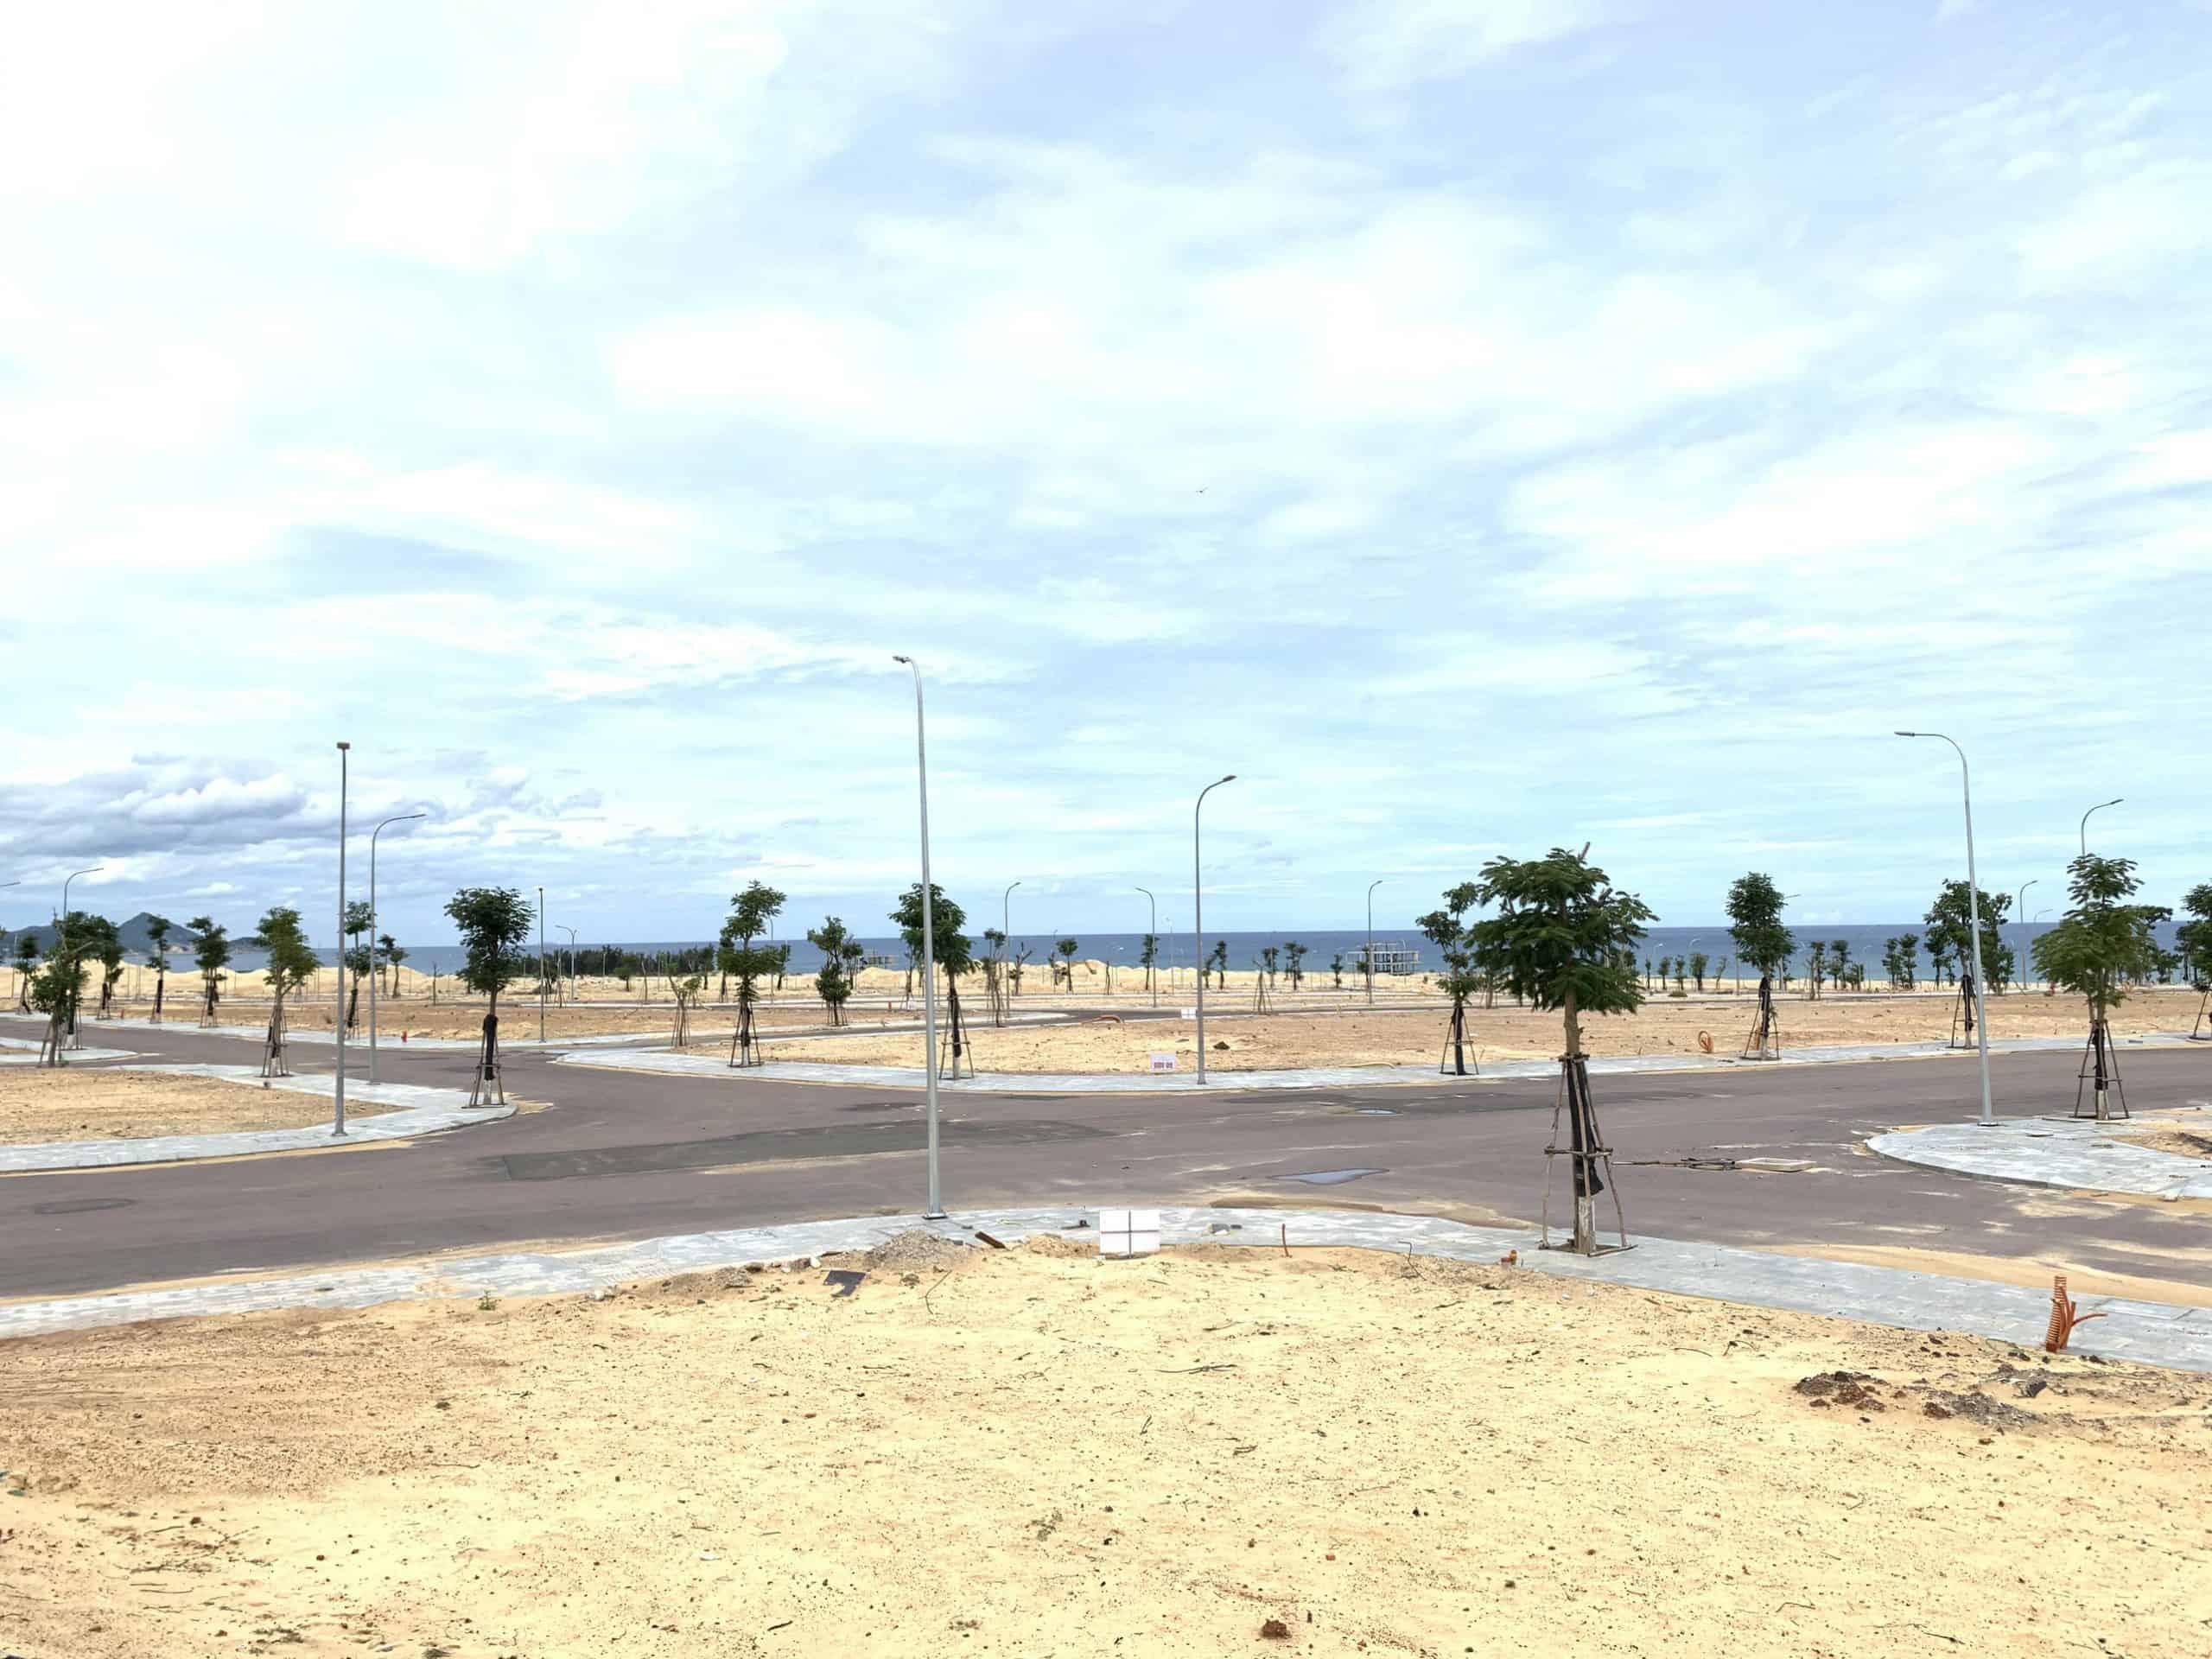 Biến động tăng giá đất 400% trong 5 năm qua tại Bình Định?